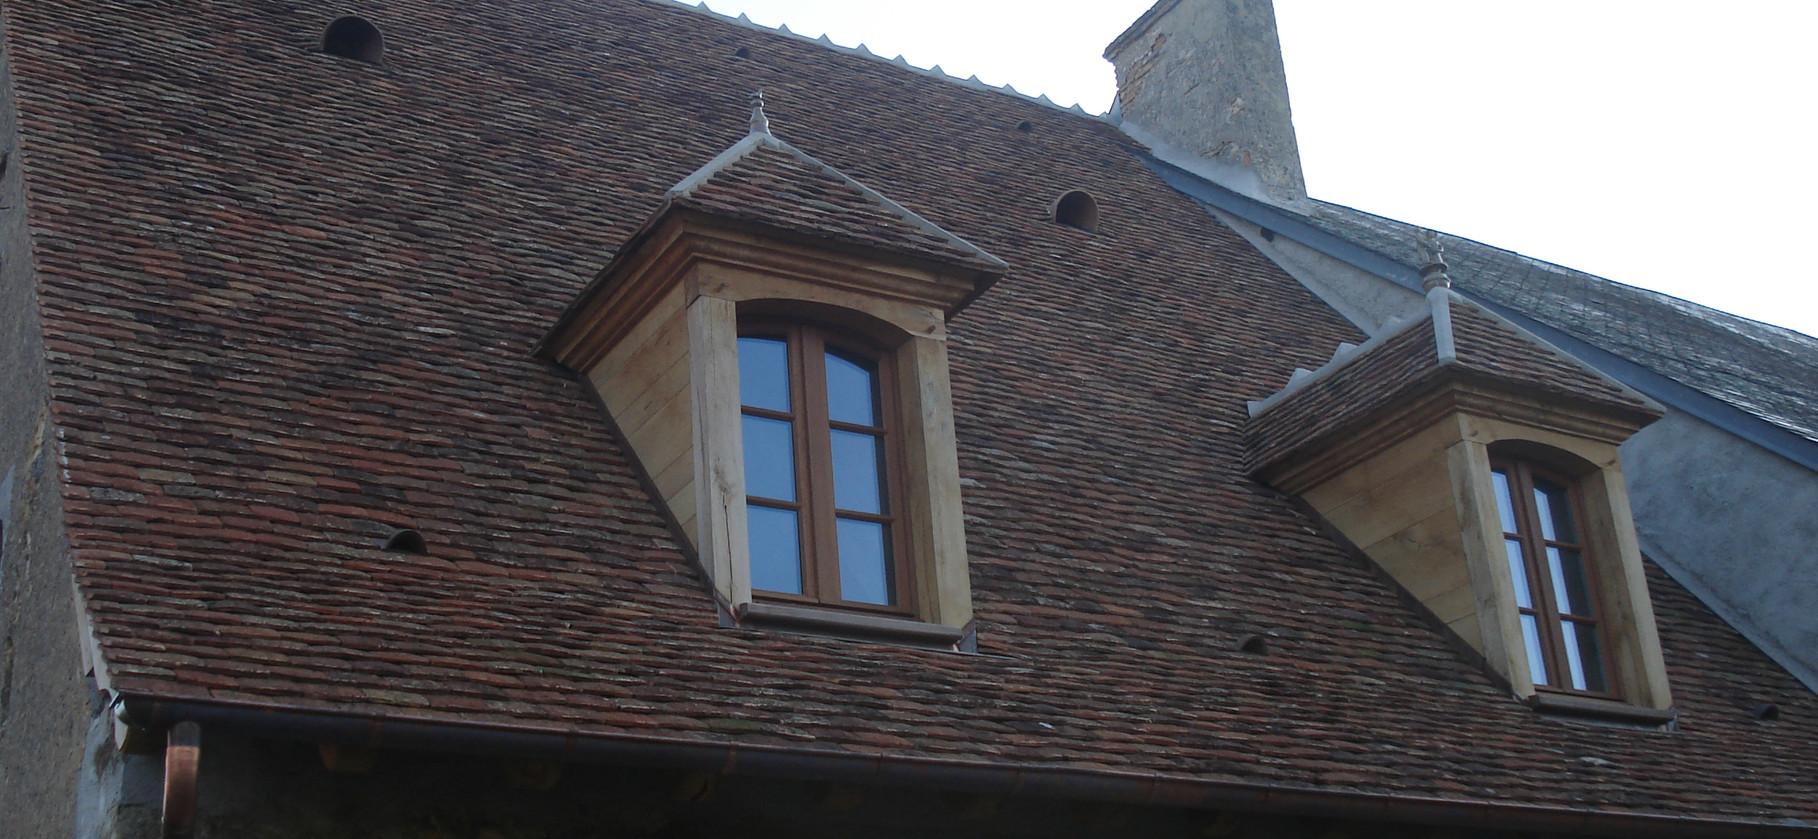 Couverture en tuiles plate et création de lucarnes - Chestier